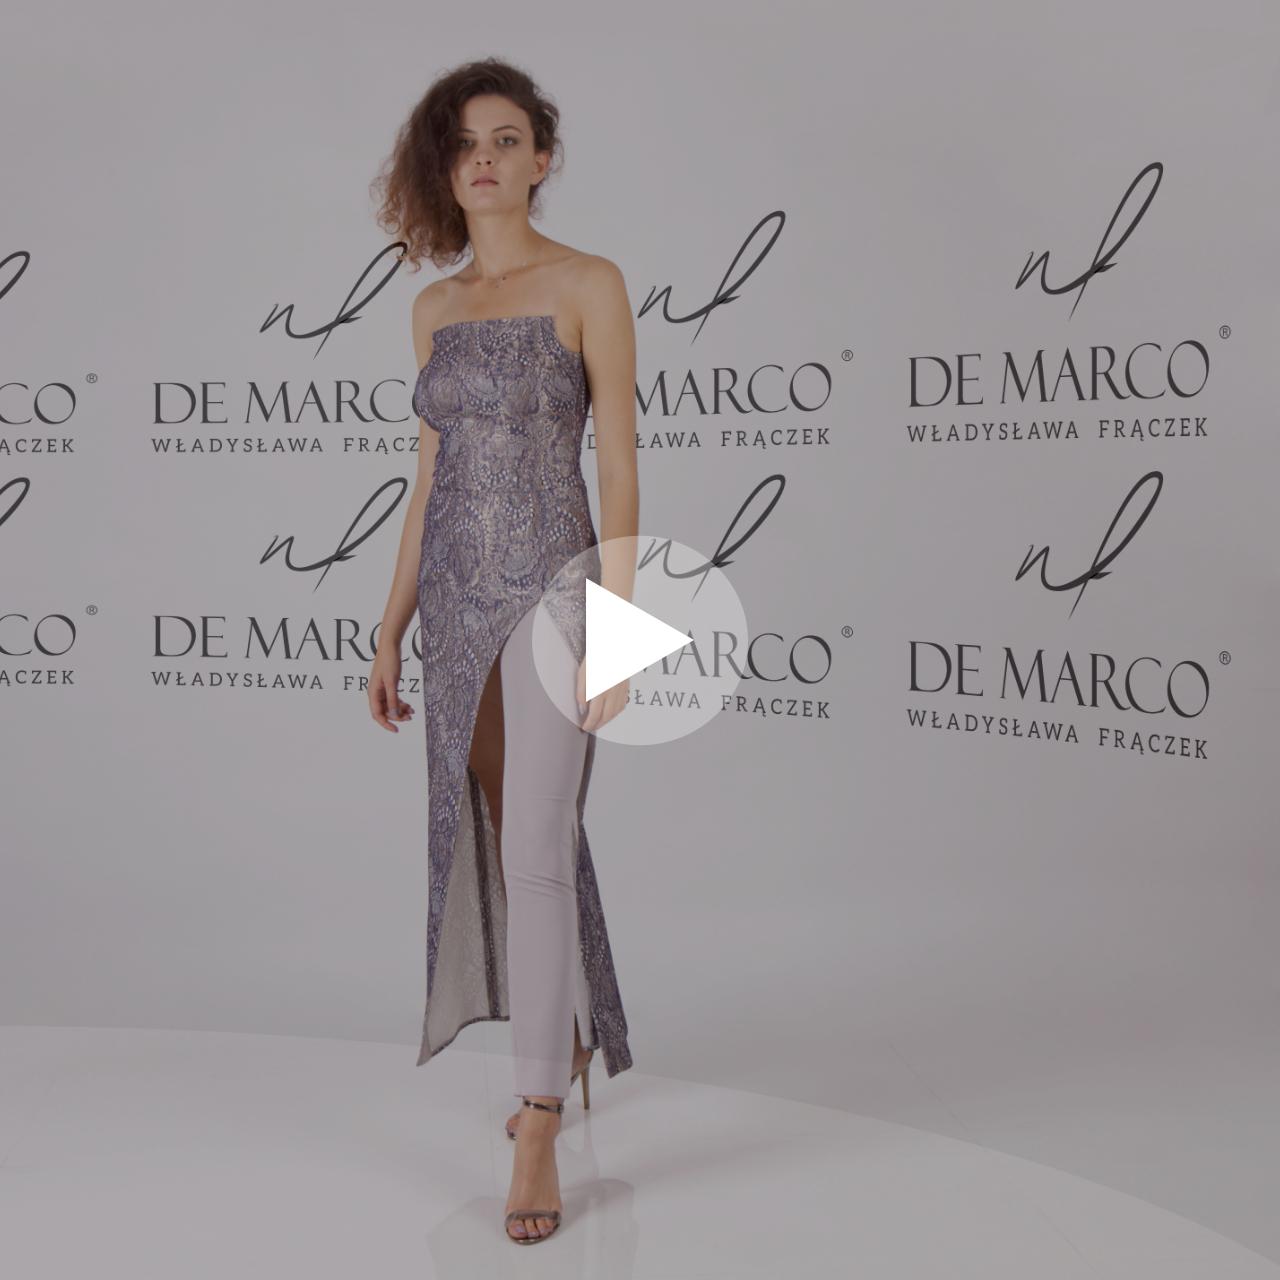 Polscy projektancki mody ekskluzywnej. Sklep internetowy De Marco.